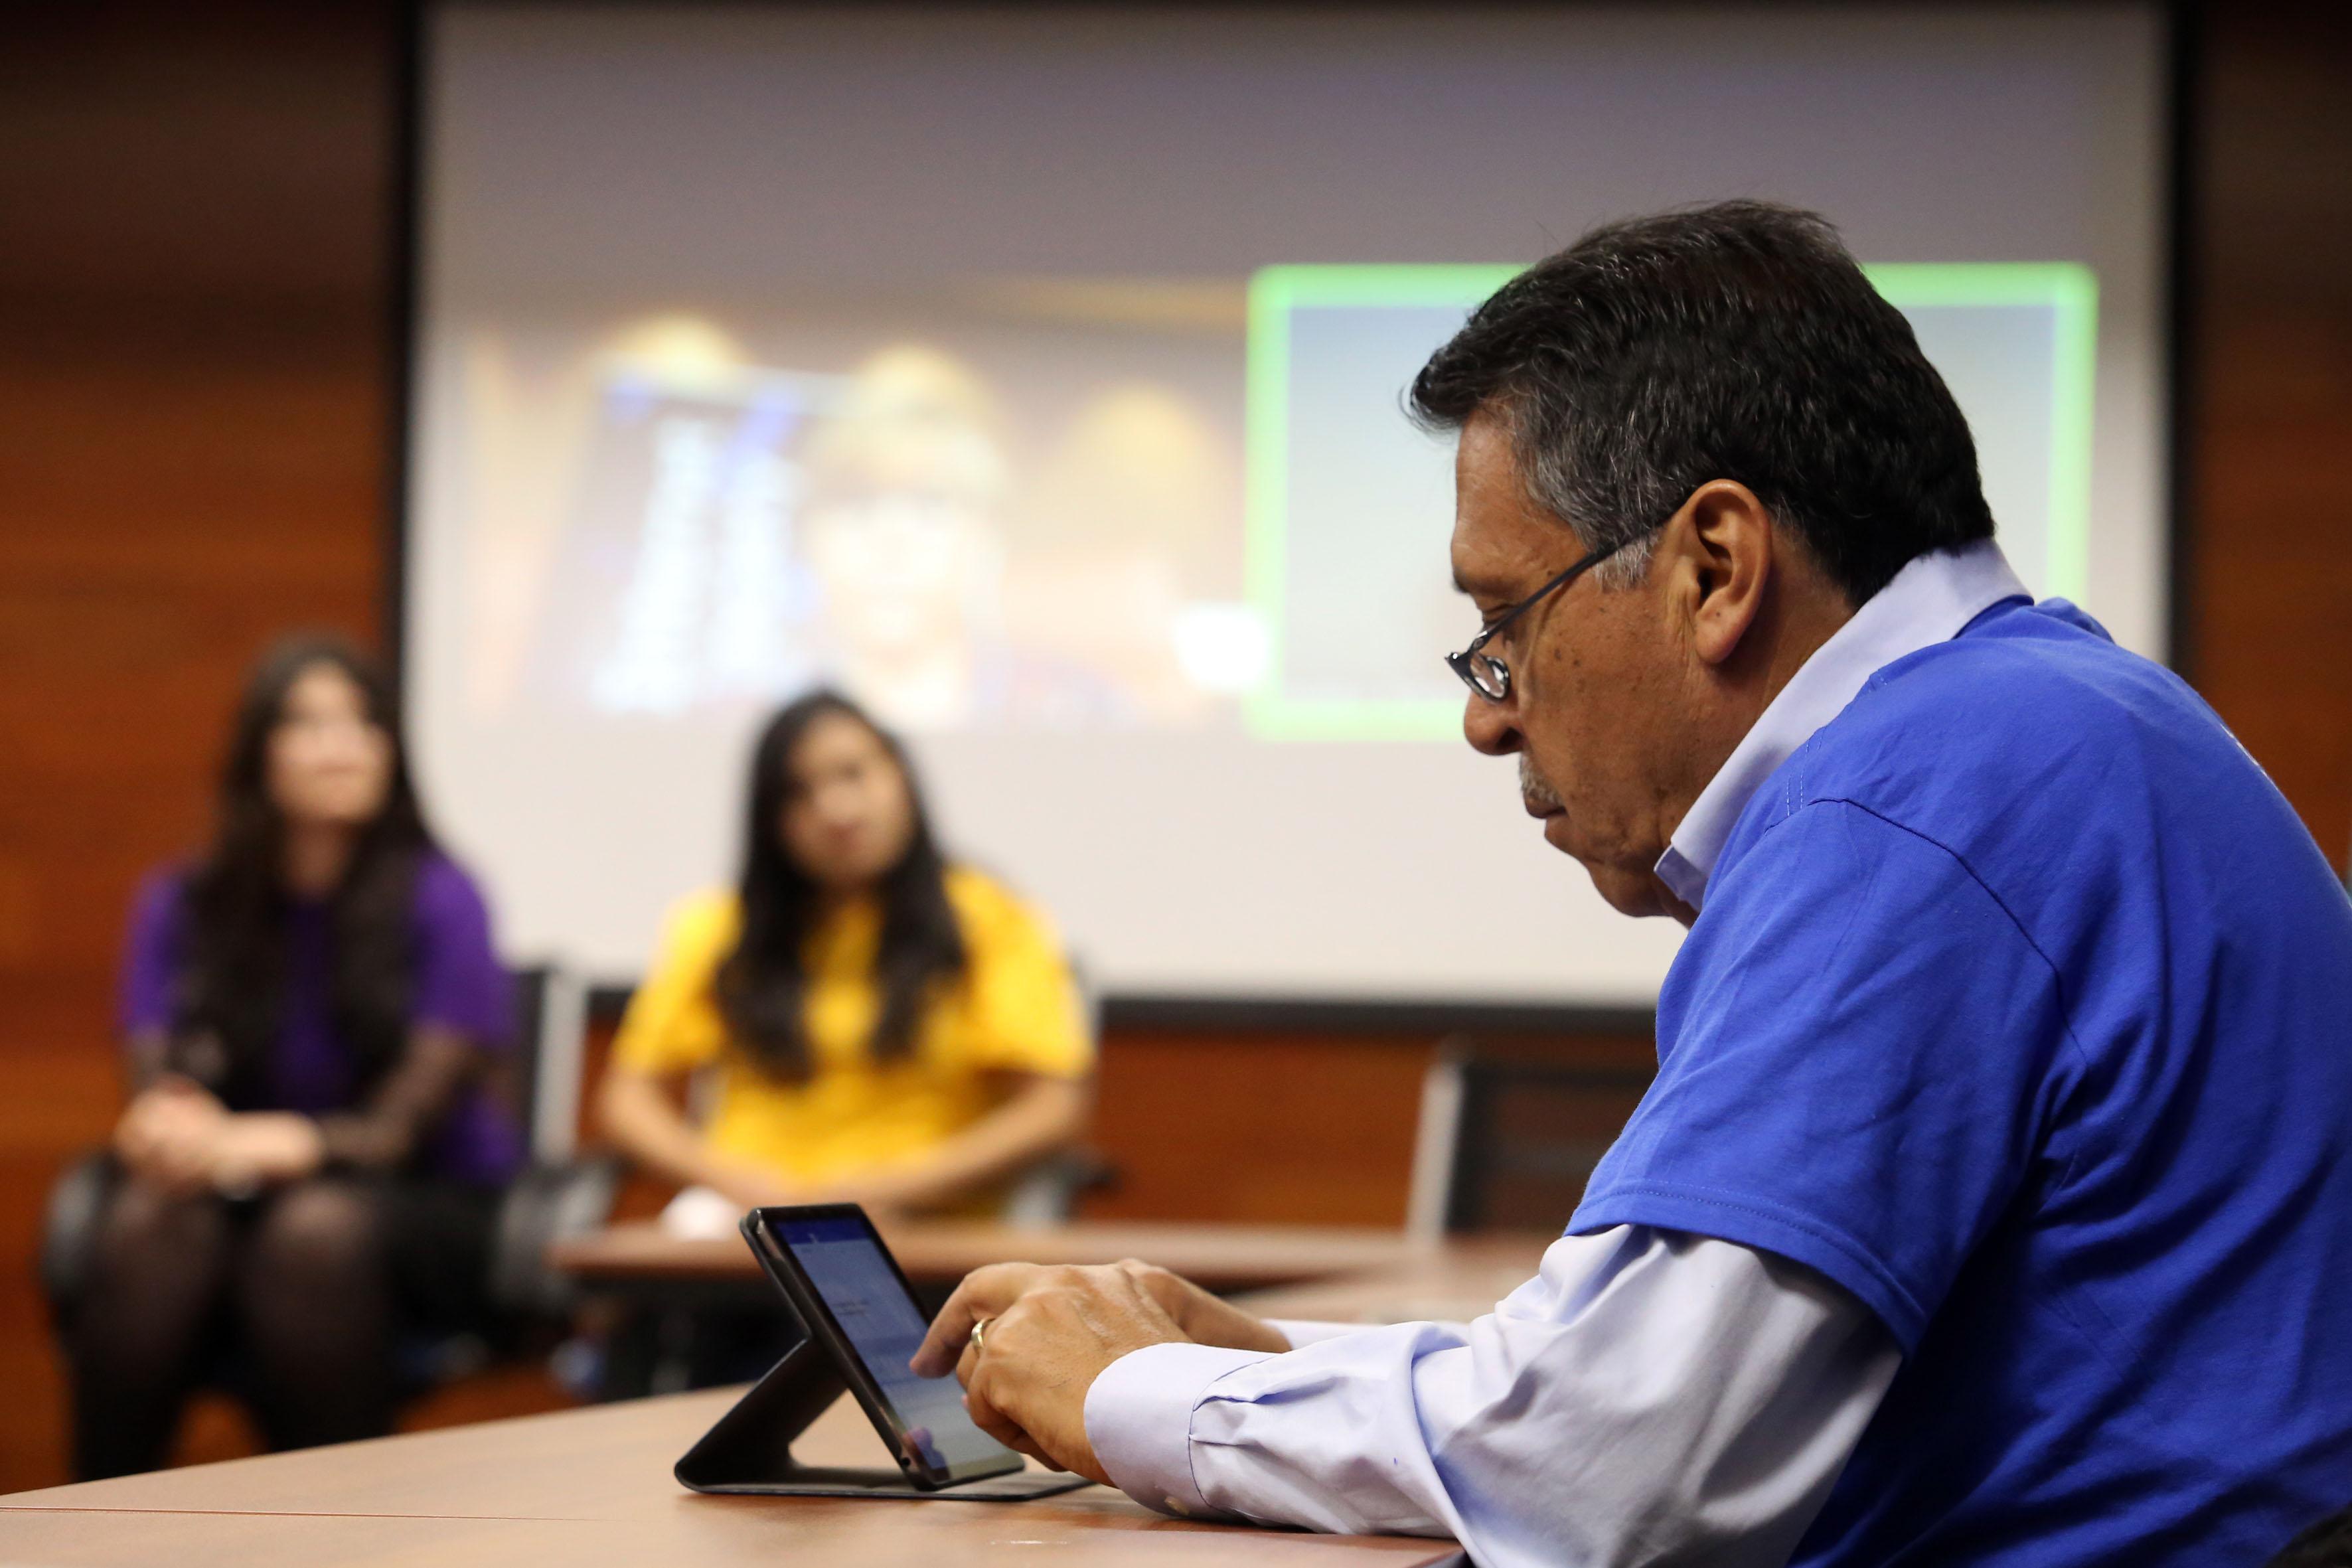 Hombre adulto haciendo uso de tableta digital, participando en el panel de discusión de la internet society.